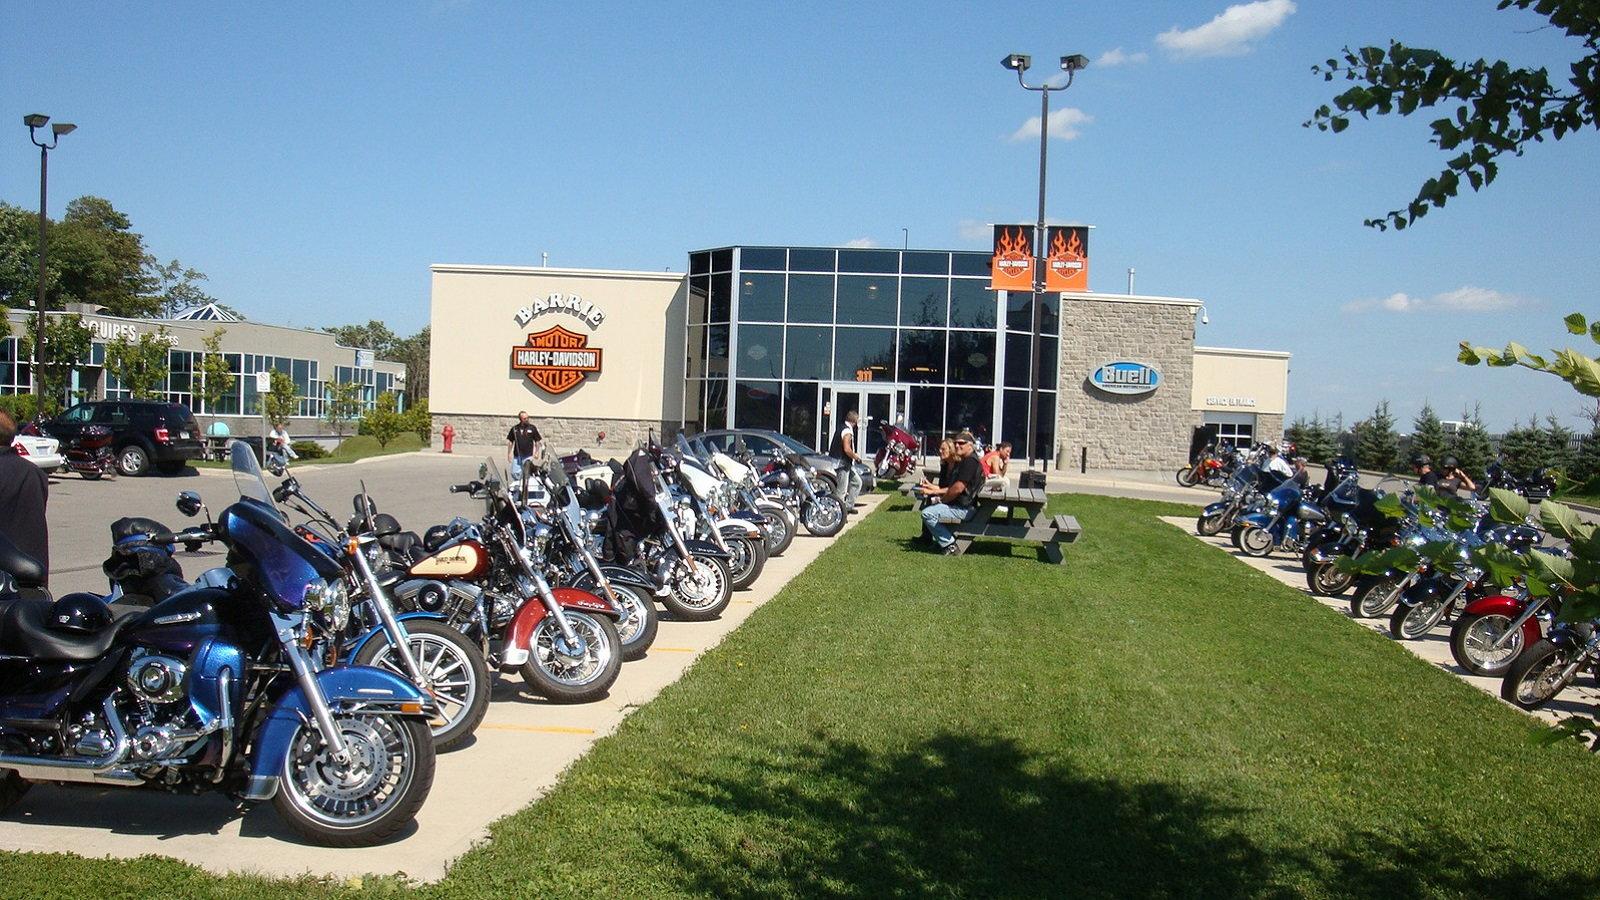 Top 7 Harley-Davidson Dealerships - Hdforums